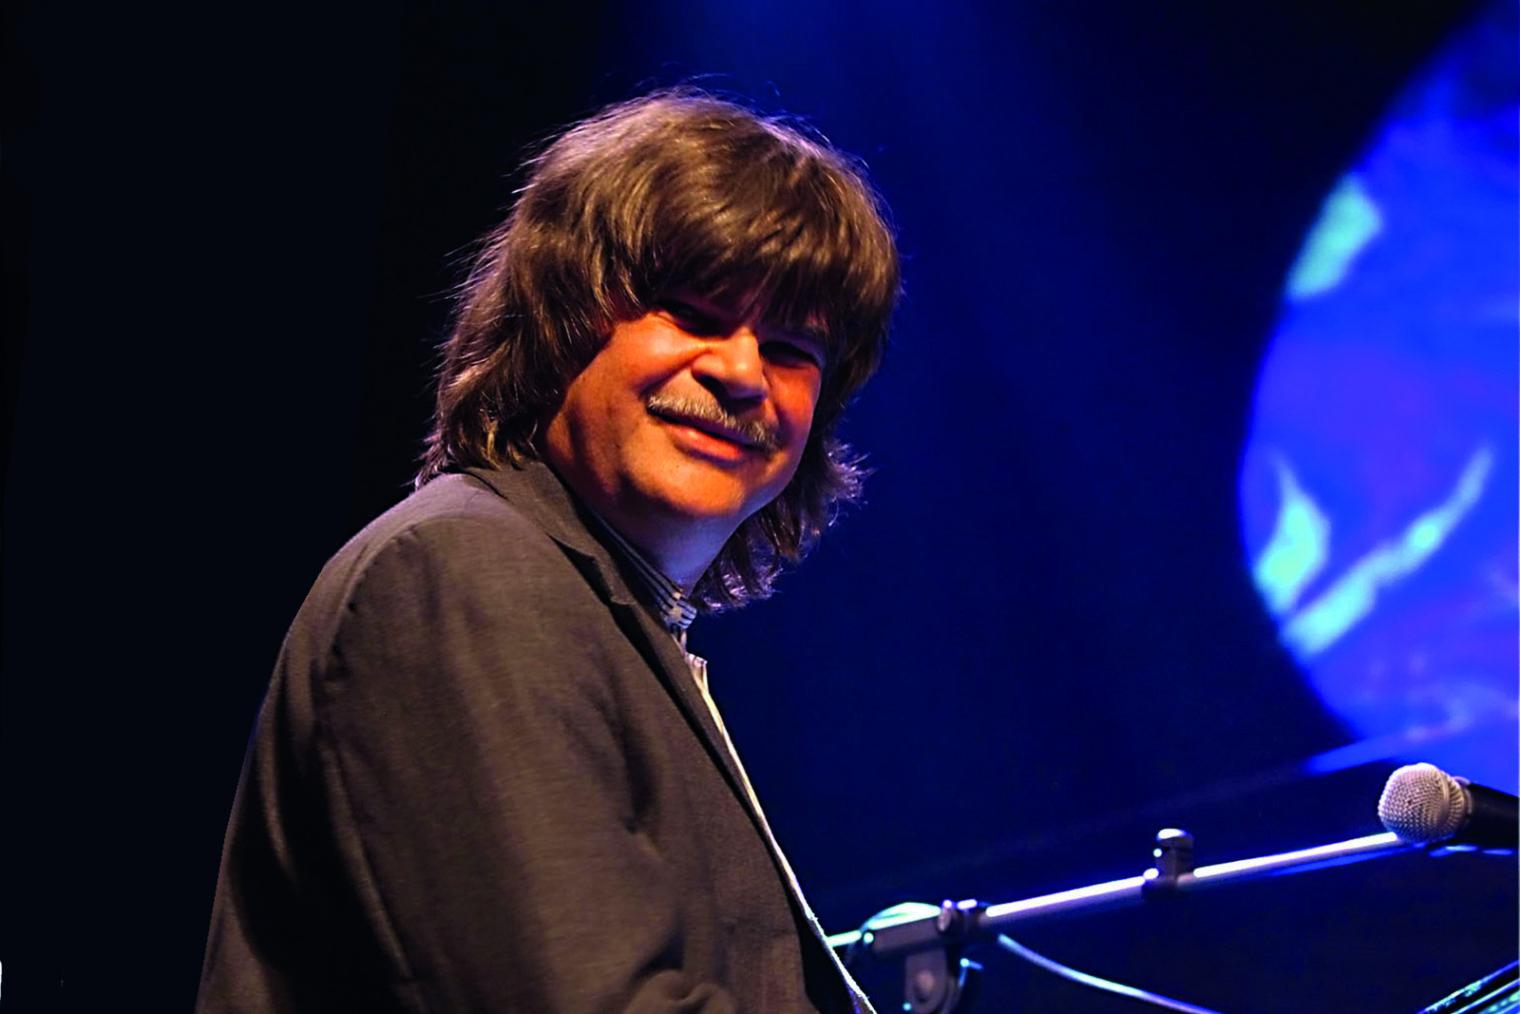 Portrait von Axel Zwingenberger auf der Bühne